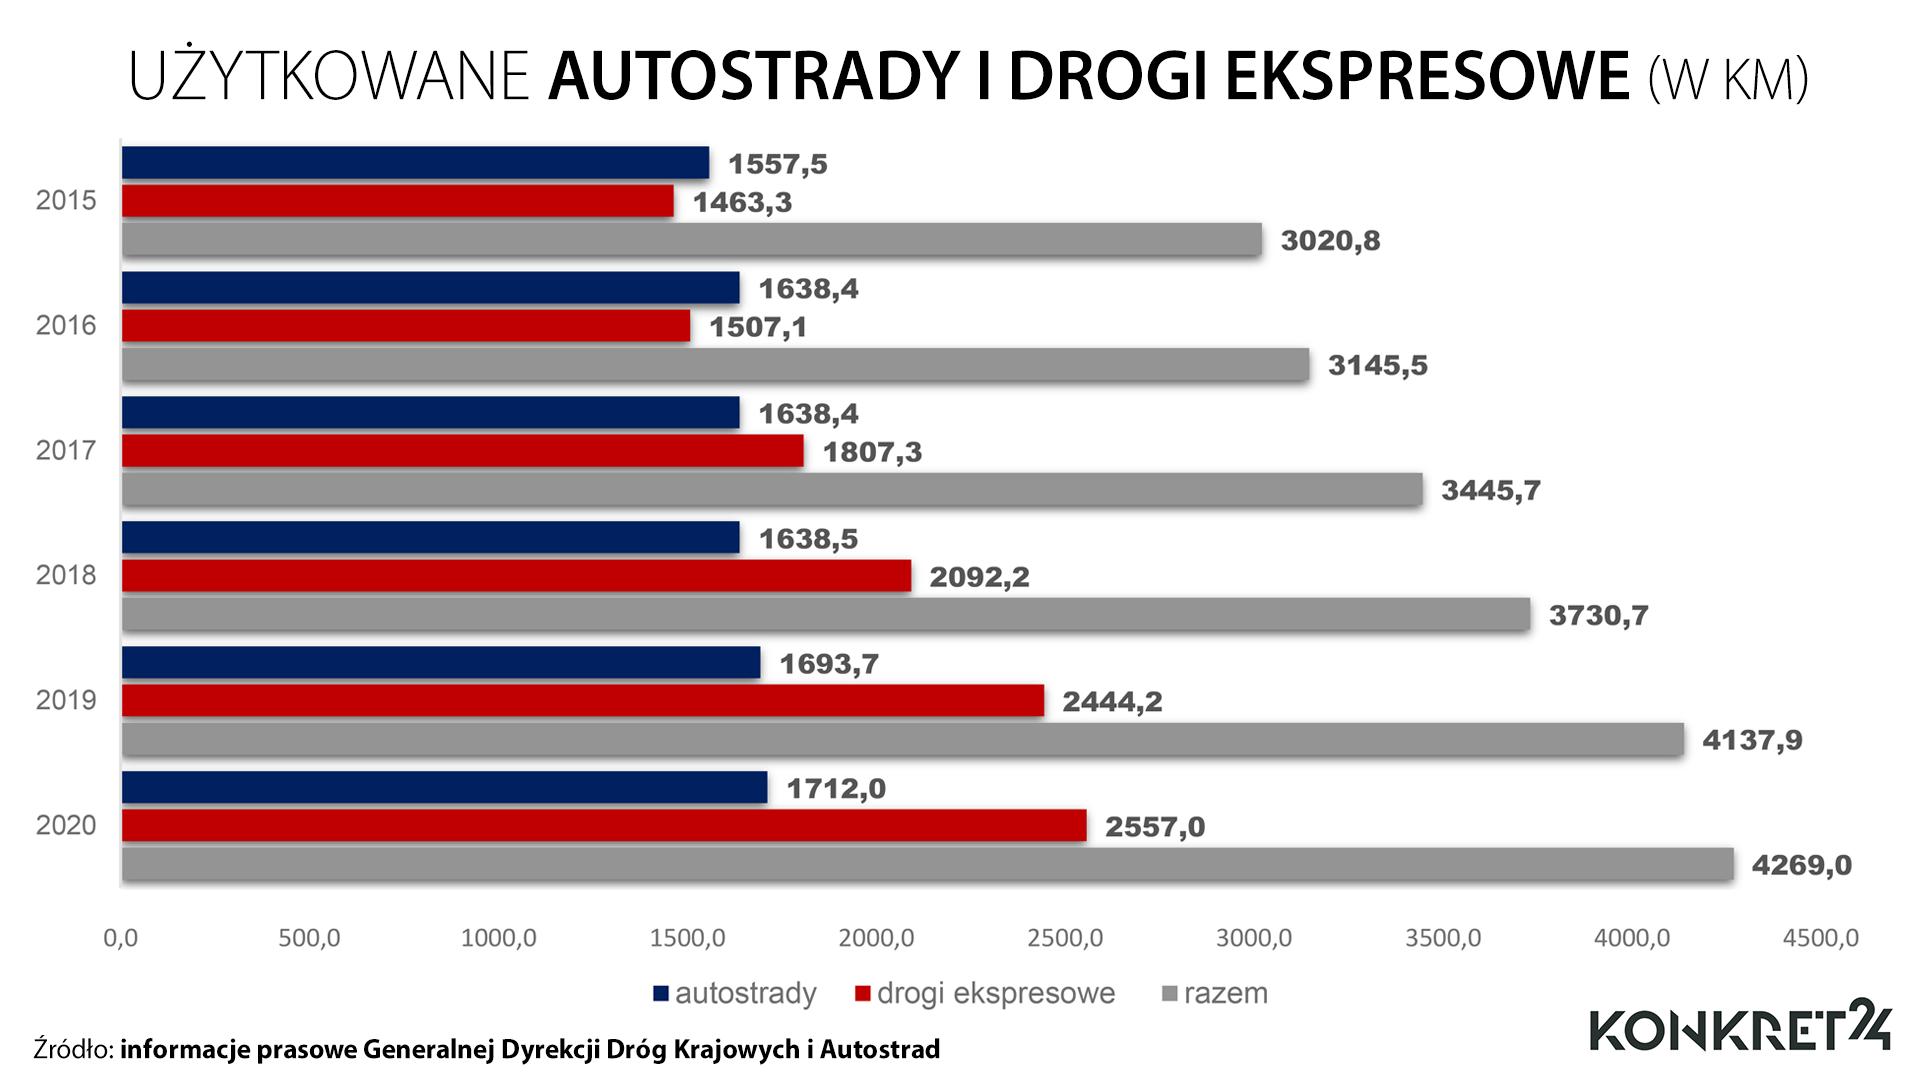 Lata 2015-2020: użytkowane autostrady i drogi ekspresowe (w km)